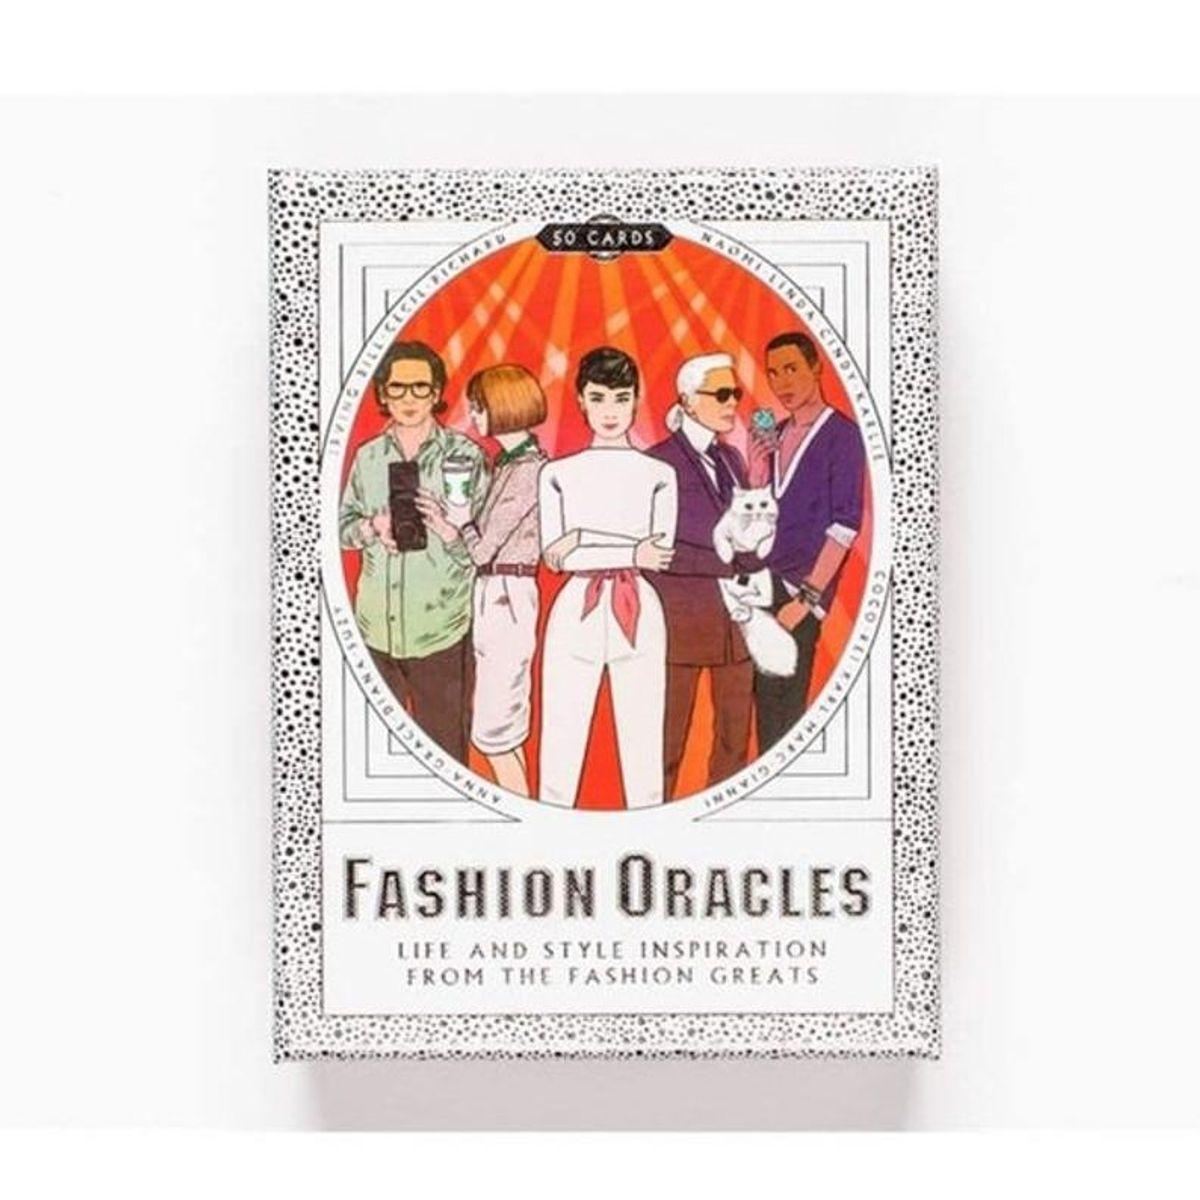 camilla morton fashion oracles